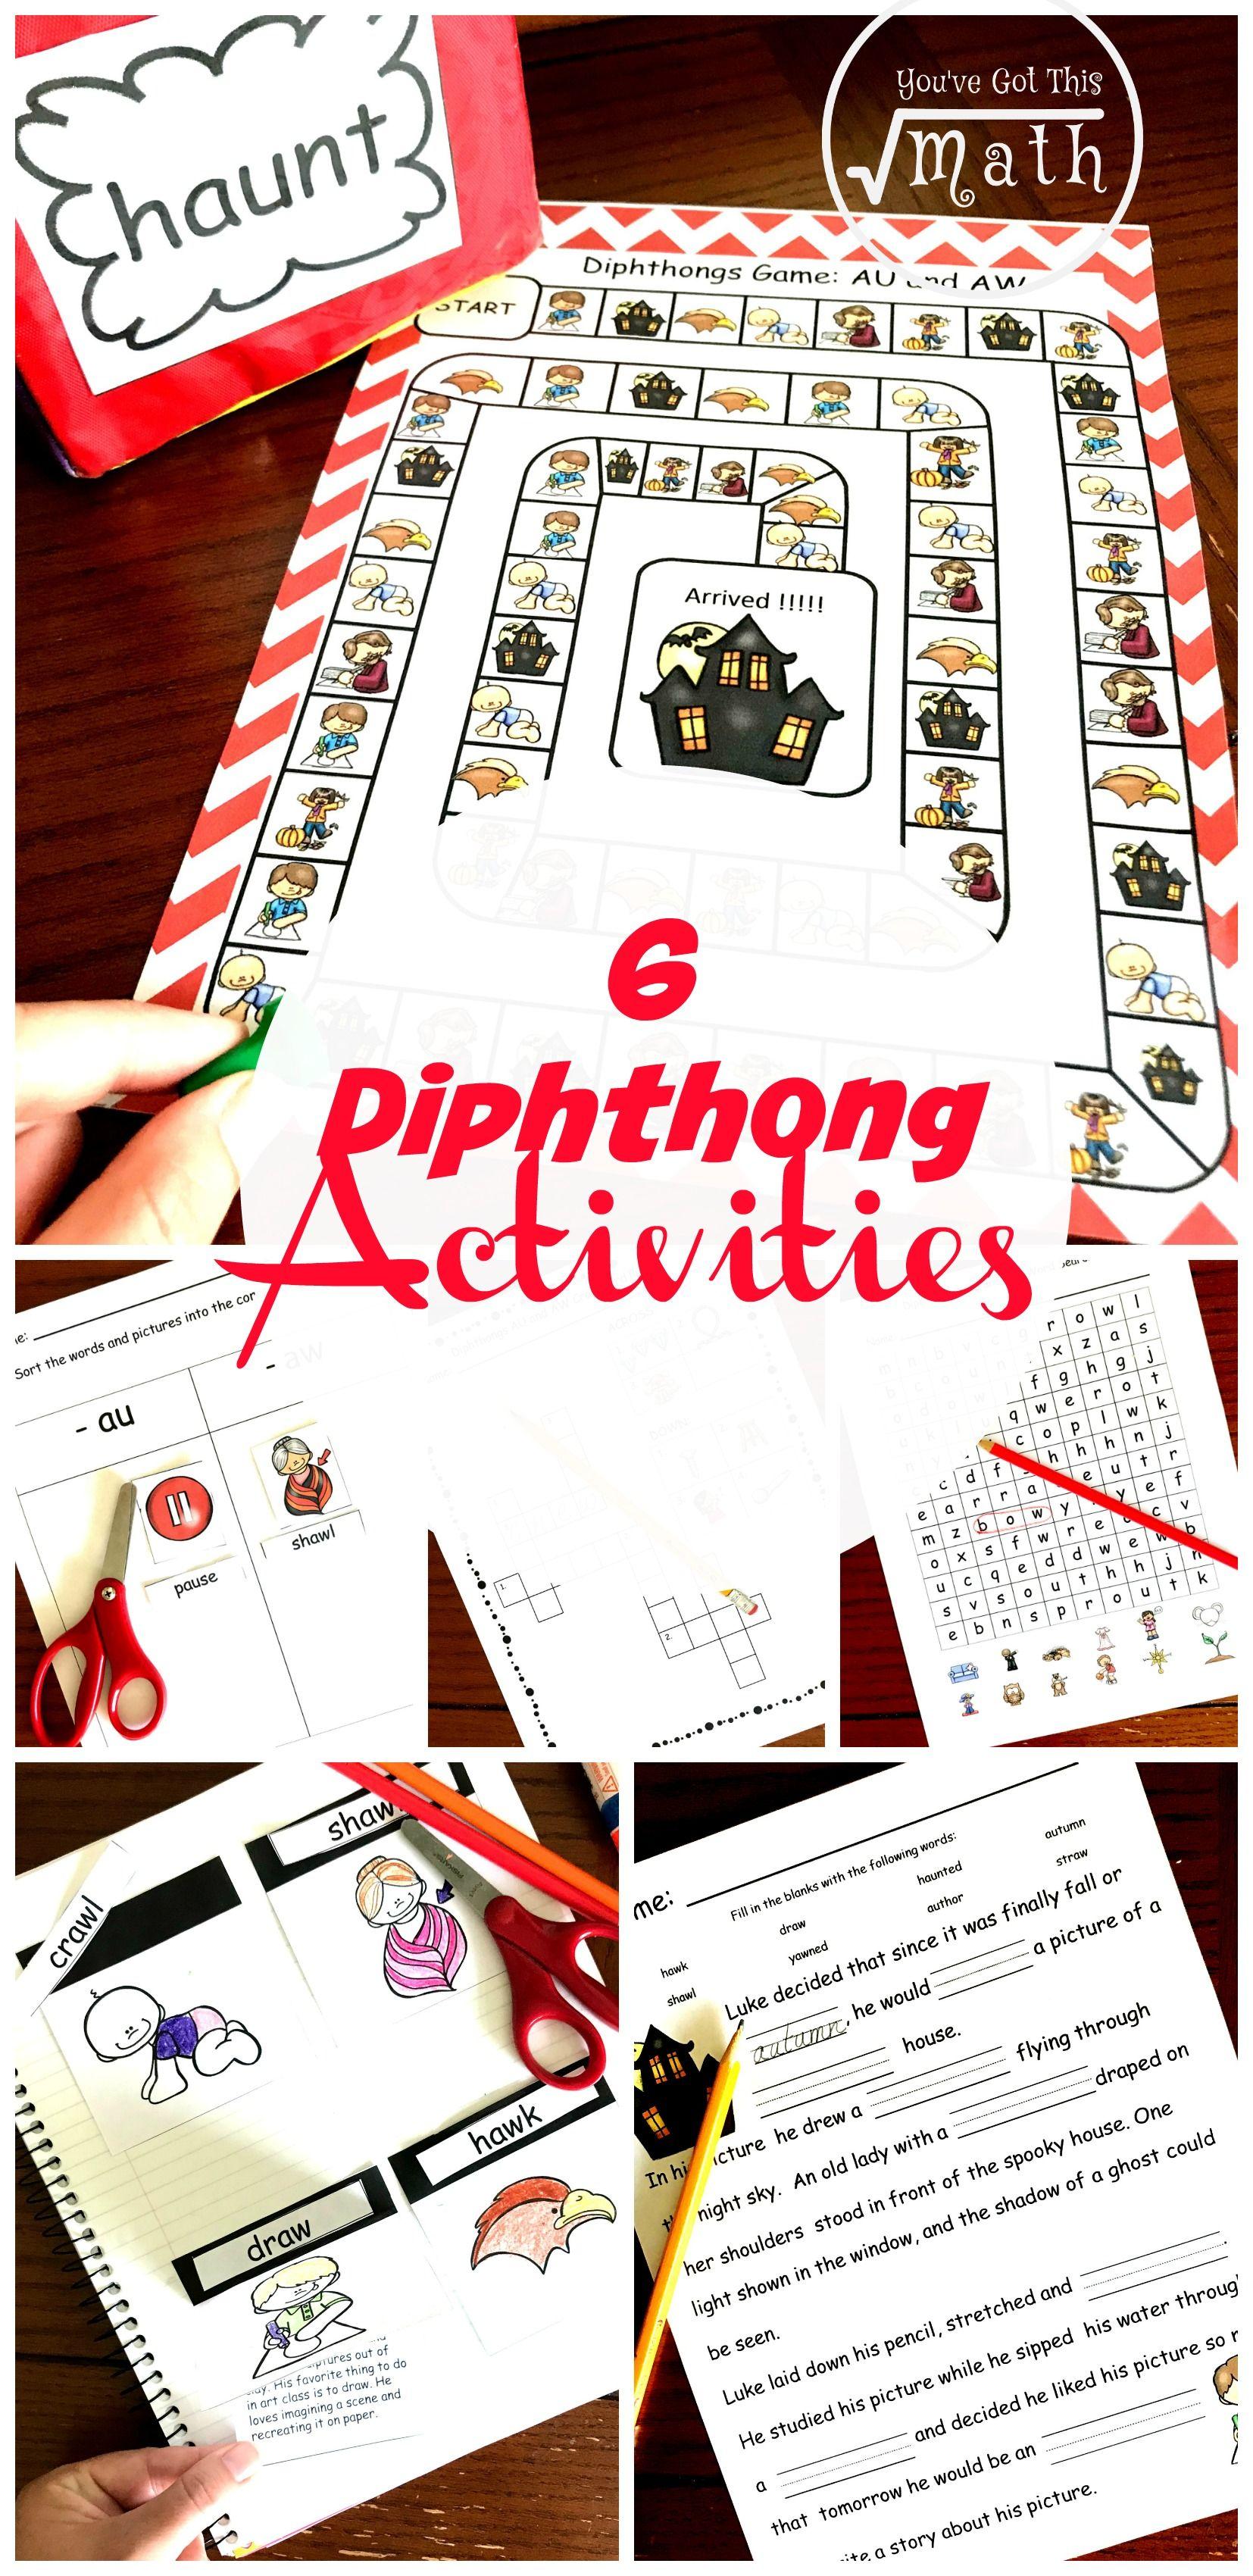 6 Diphthong Activities